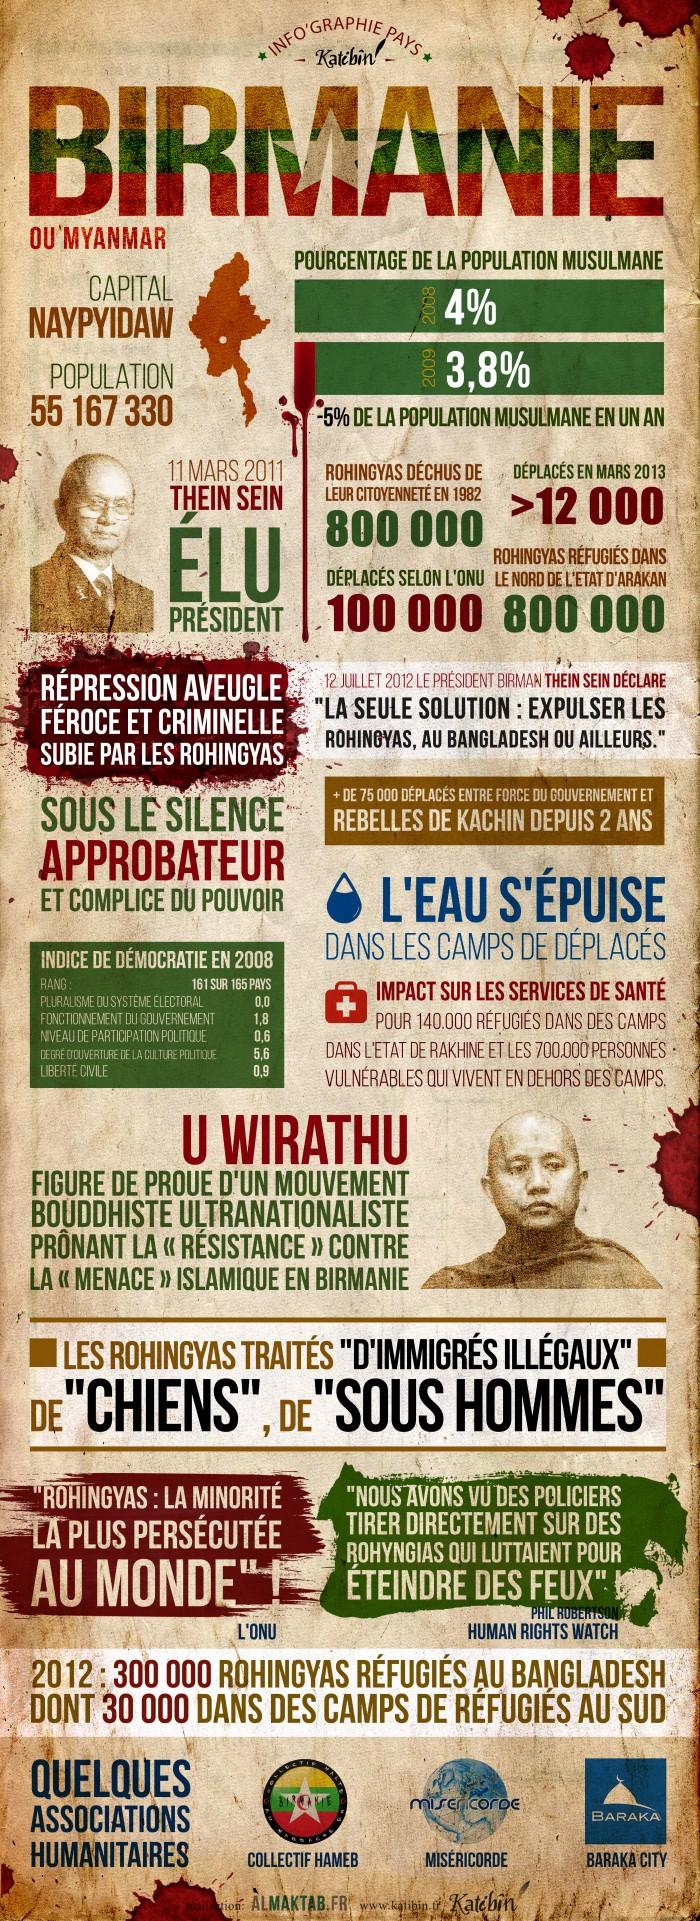 info'graphie birmanie rohingya